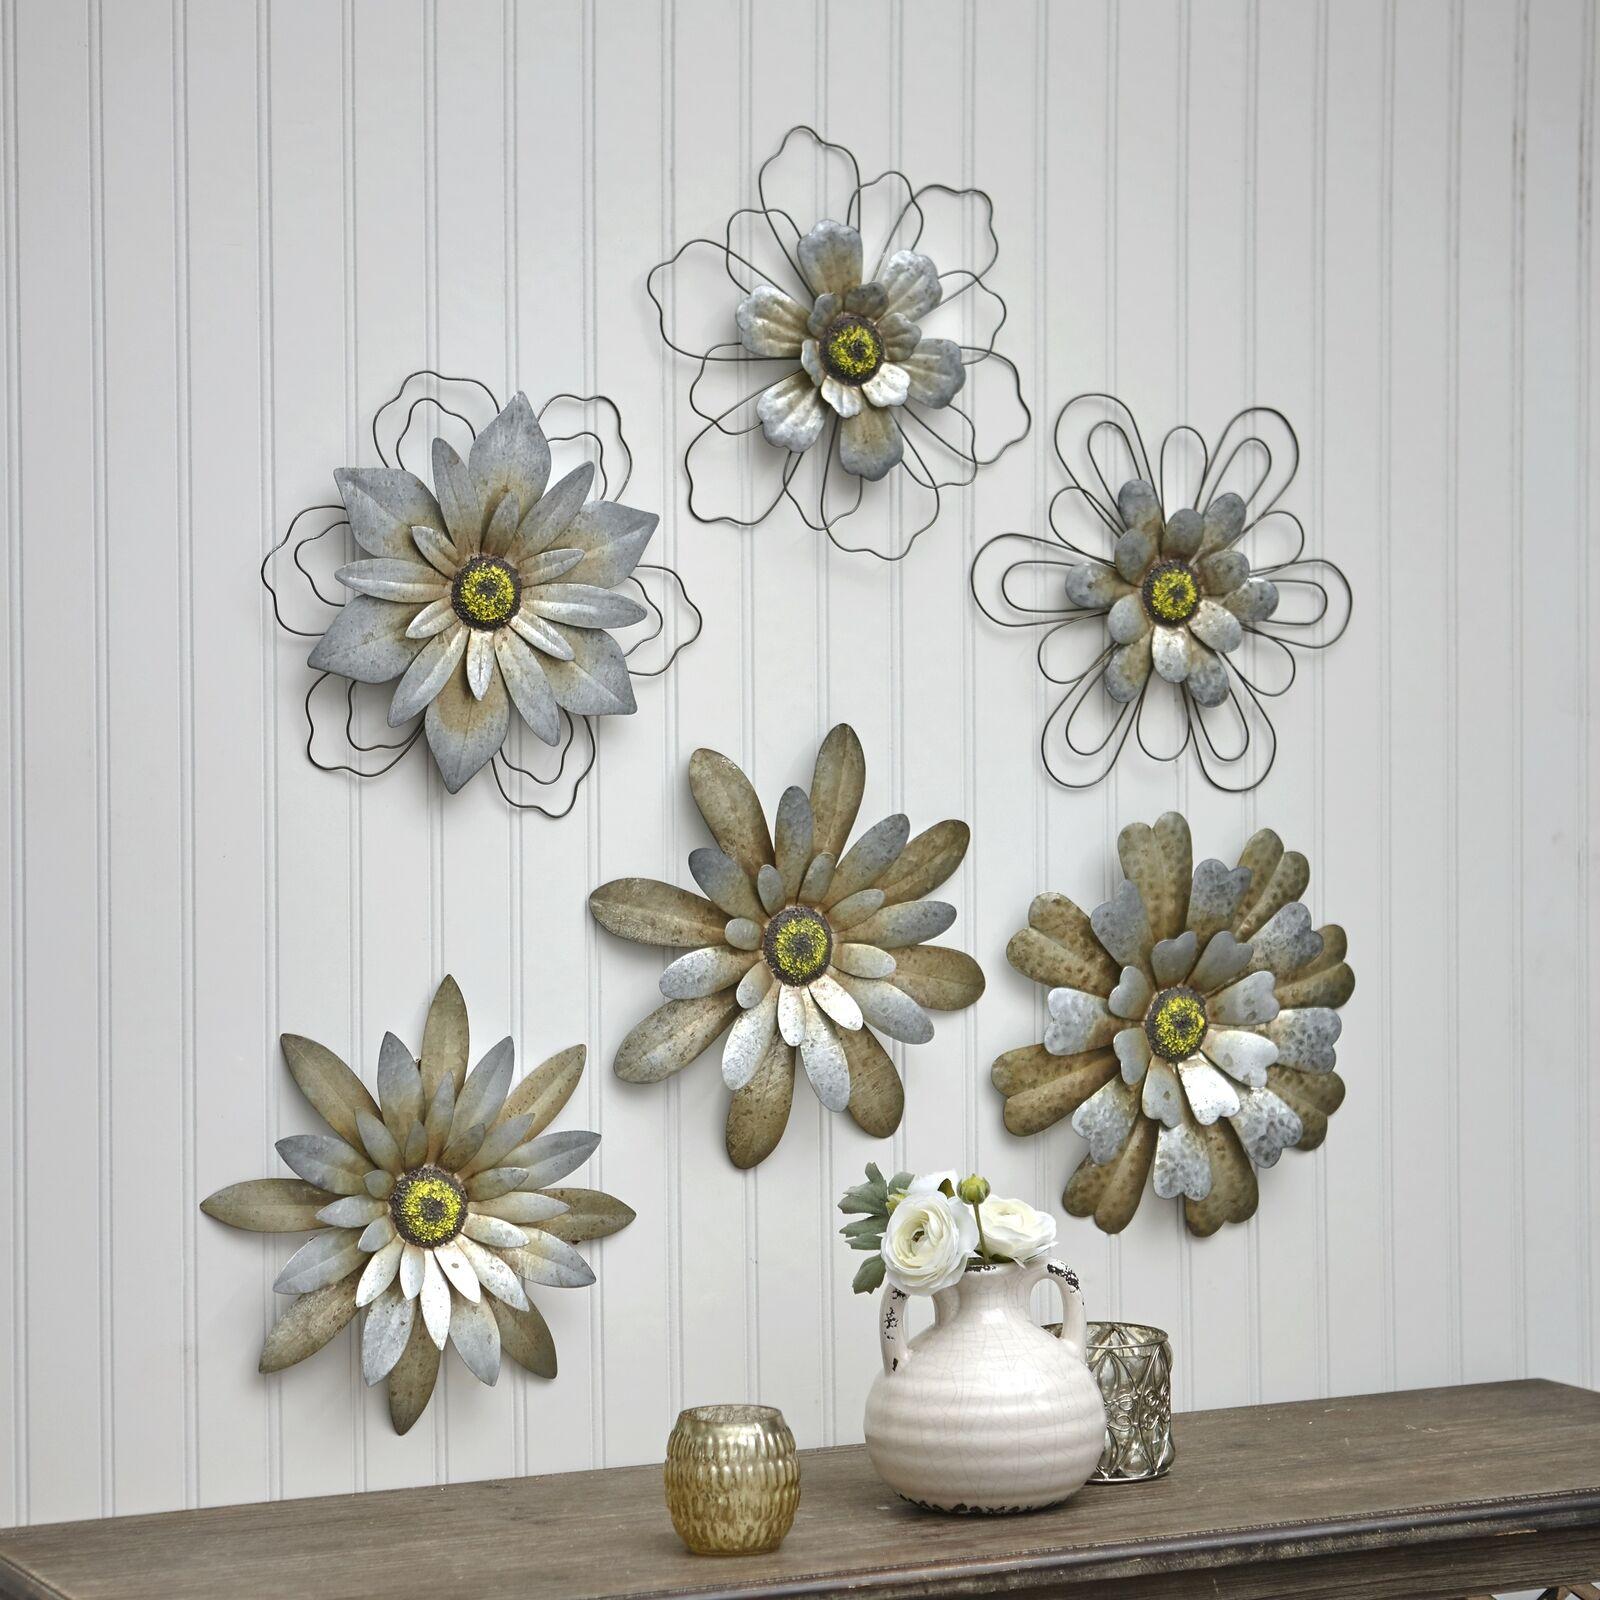 Galvanized Rustic Metal Hanging Olive Bucket Floral Basket For Sale Online Ebay